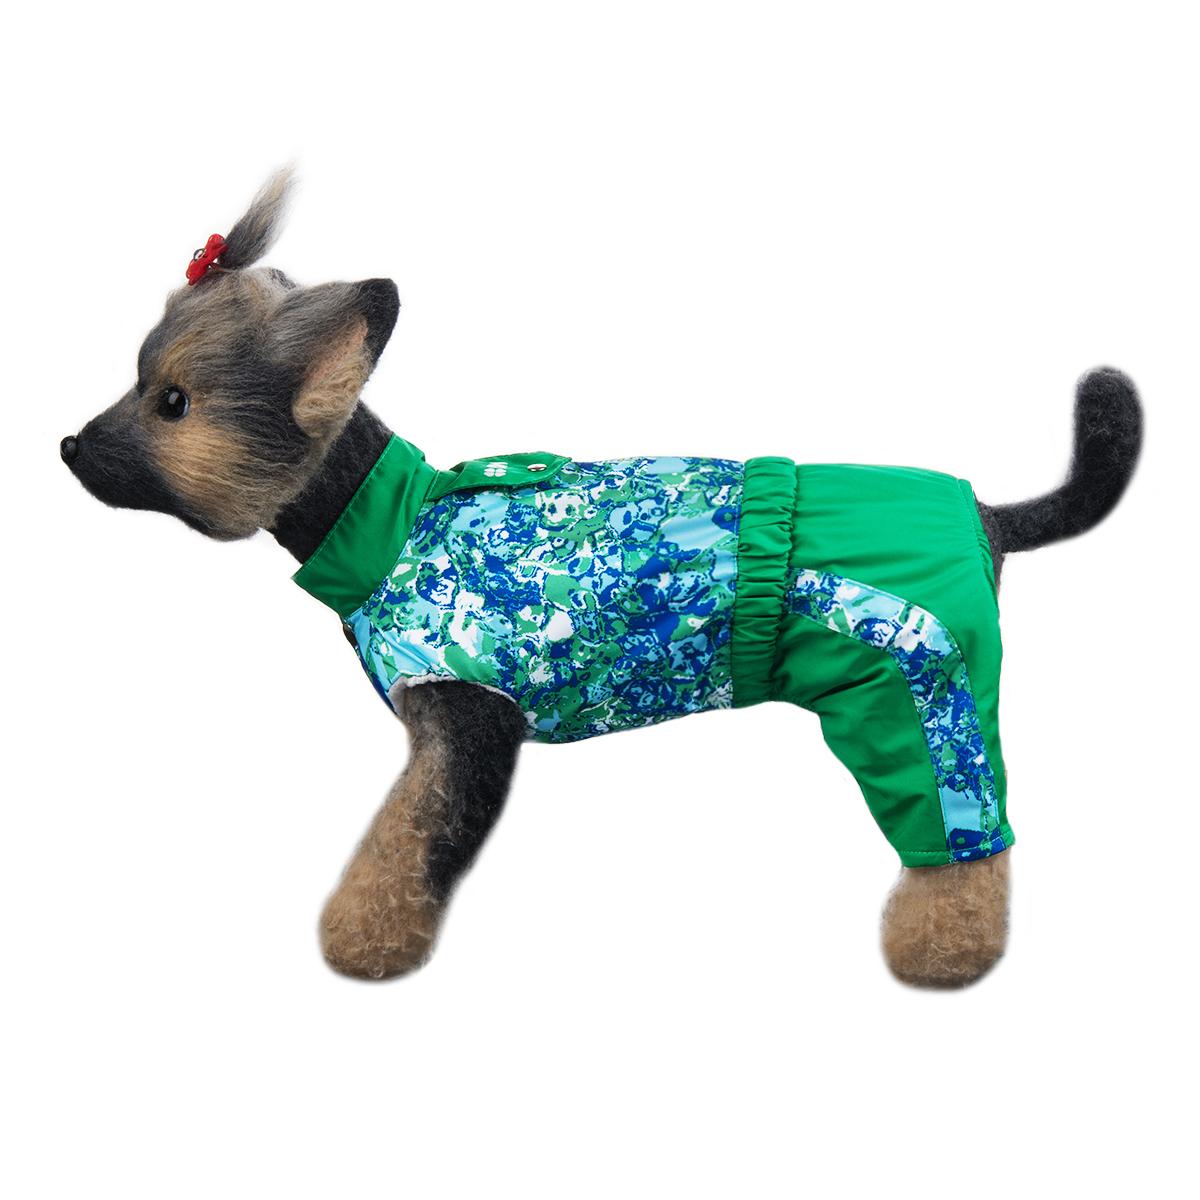 Комбинезон для собак Dogmoda Грин, унисекс, цвет: зеленый, синий, белый. Размер 3 (L) комбинезон для собак dogmoda грин унисекс цвет зеленый синий белый размер 4 xl